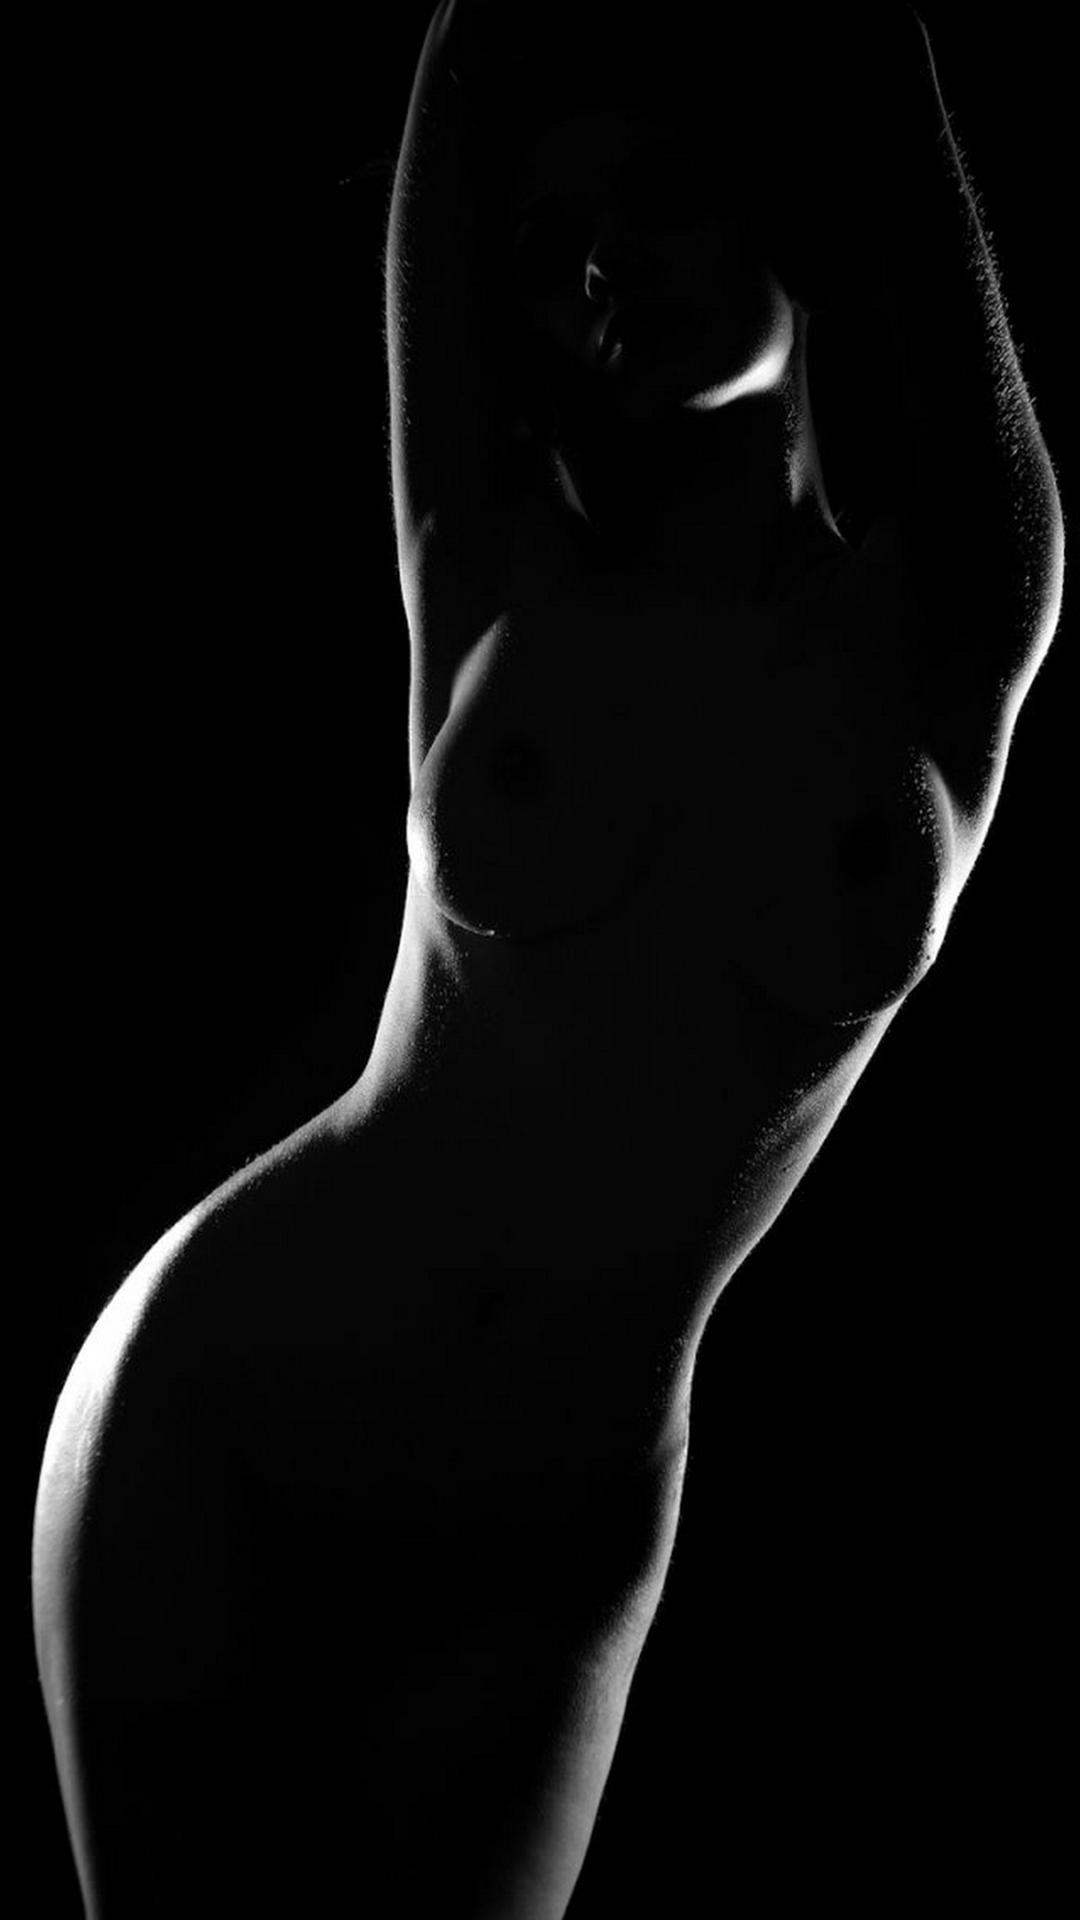 big tits in tight tops